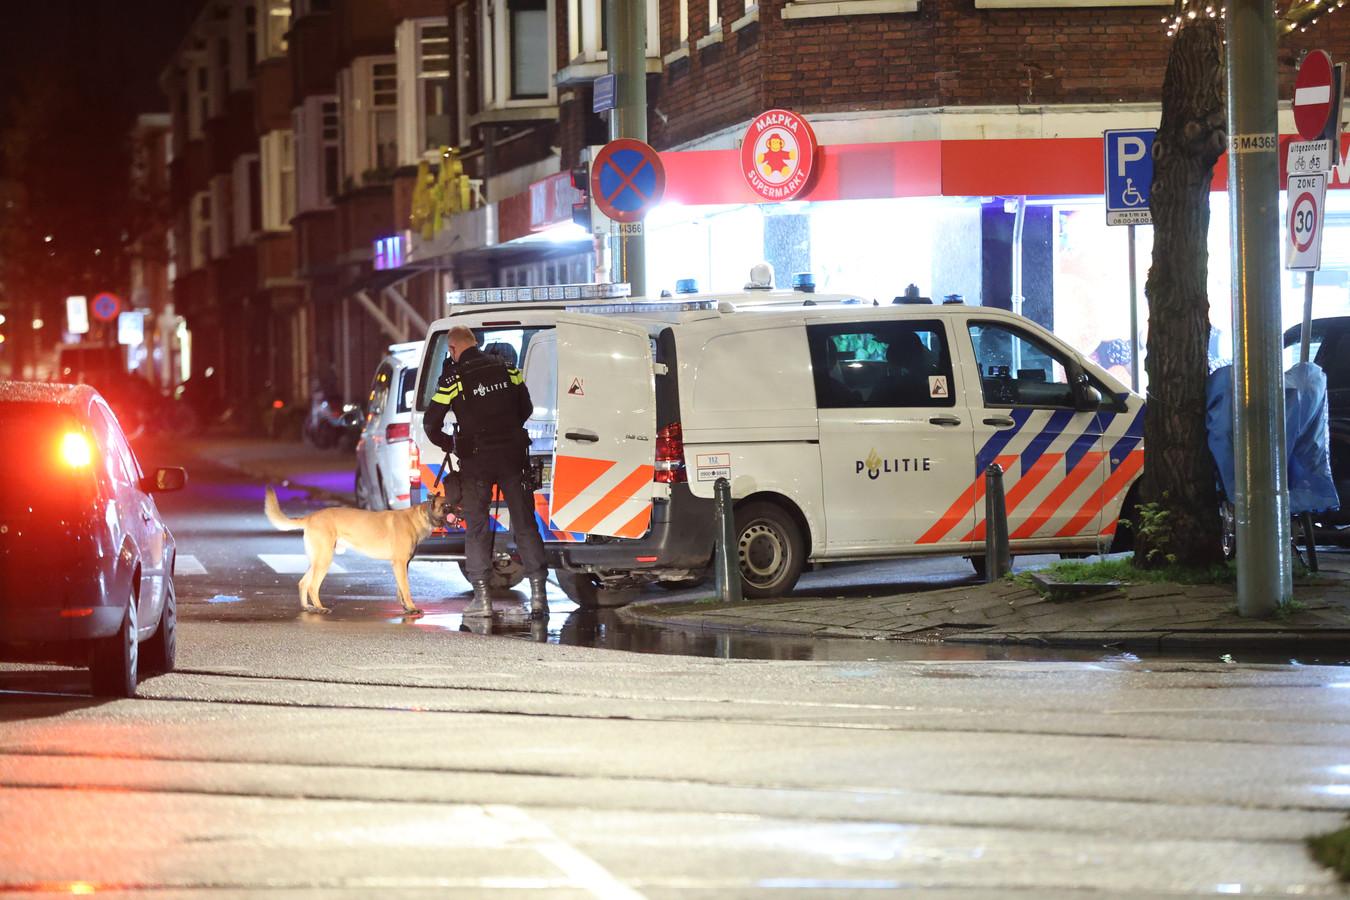 De politie is afgelopen nacht de woning binnengevallen en maakte daarbij gebruik van een politiehond.